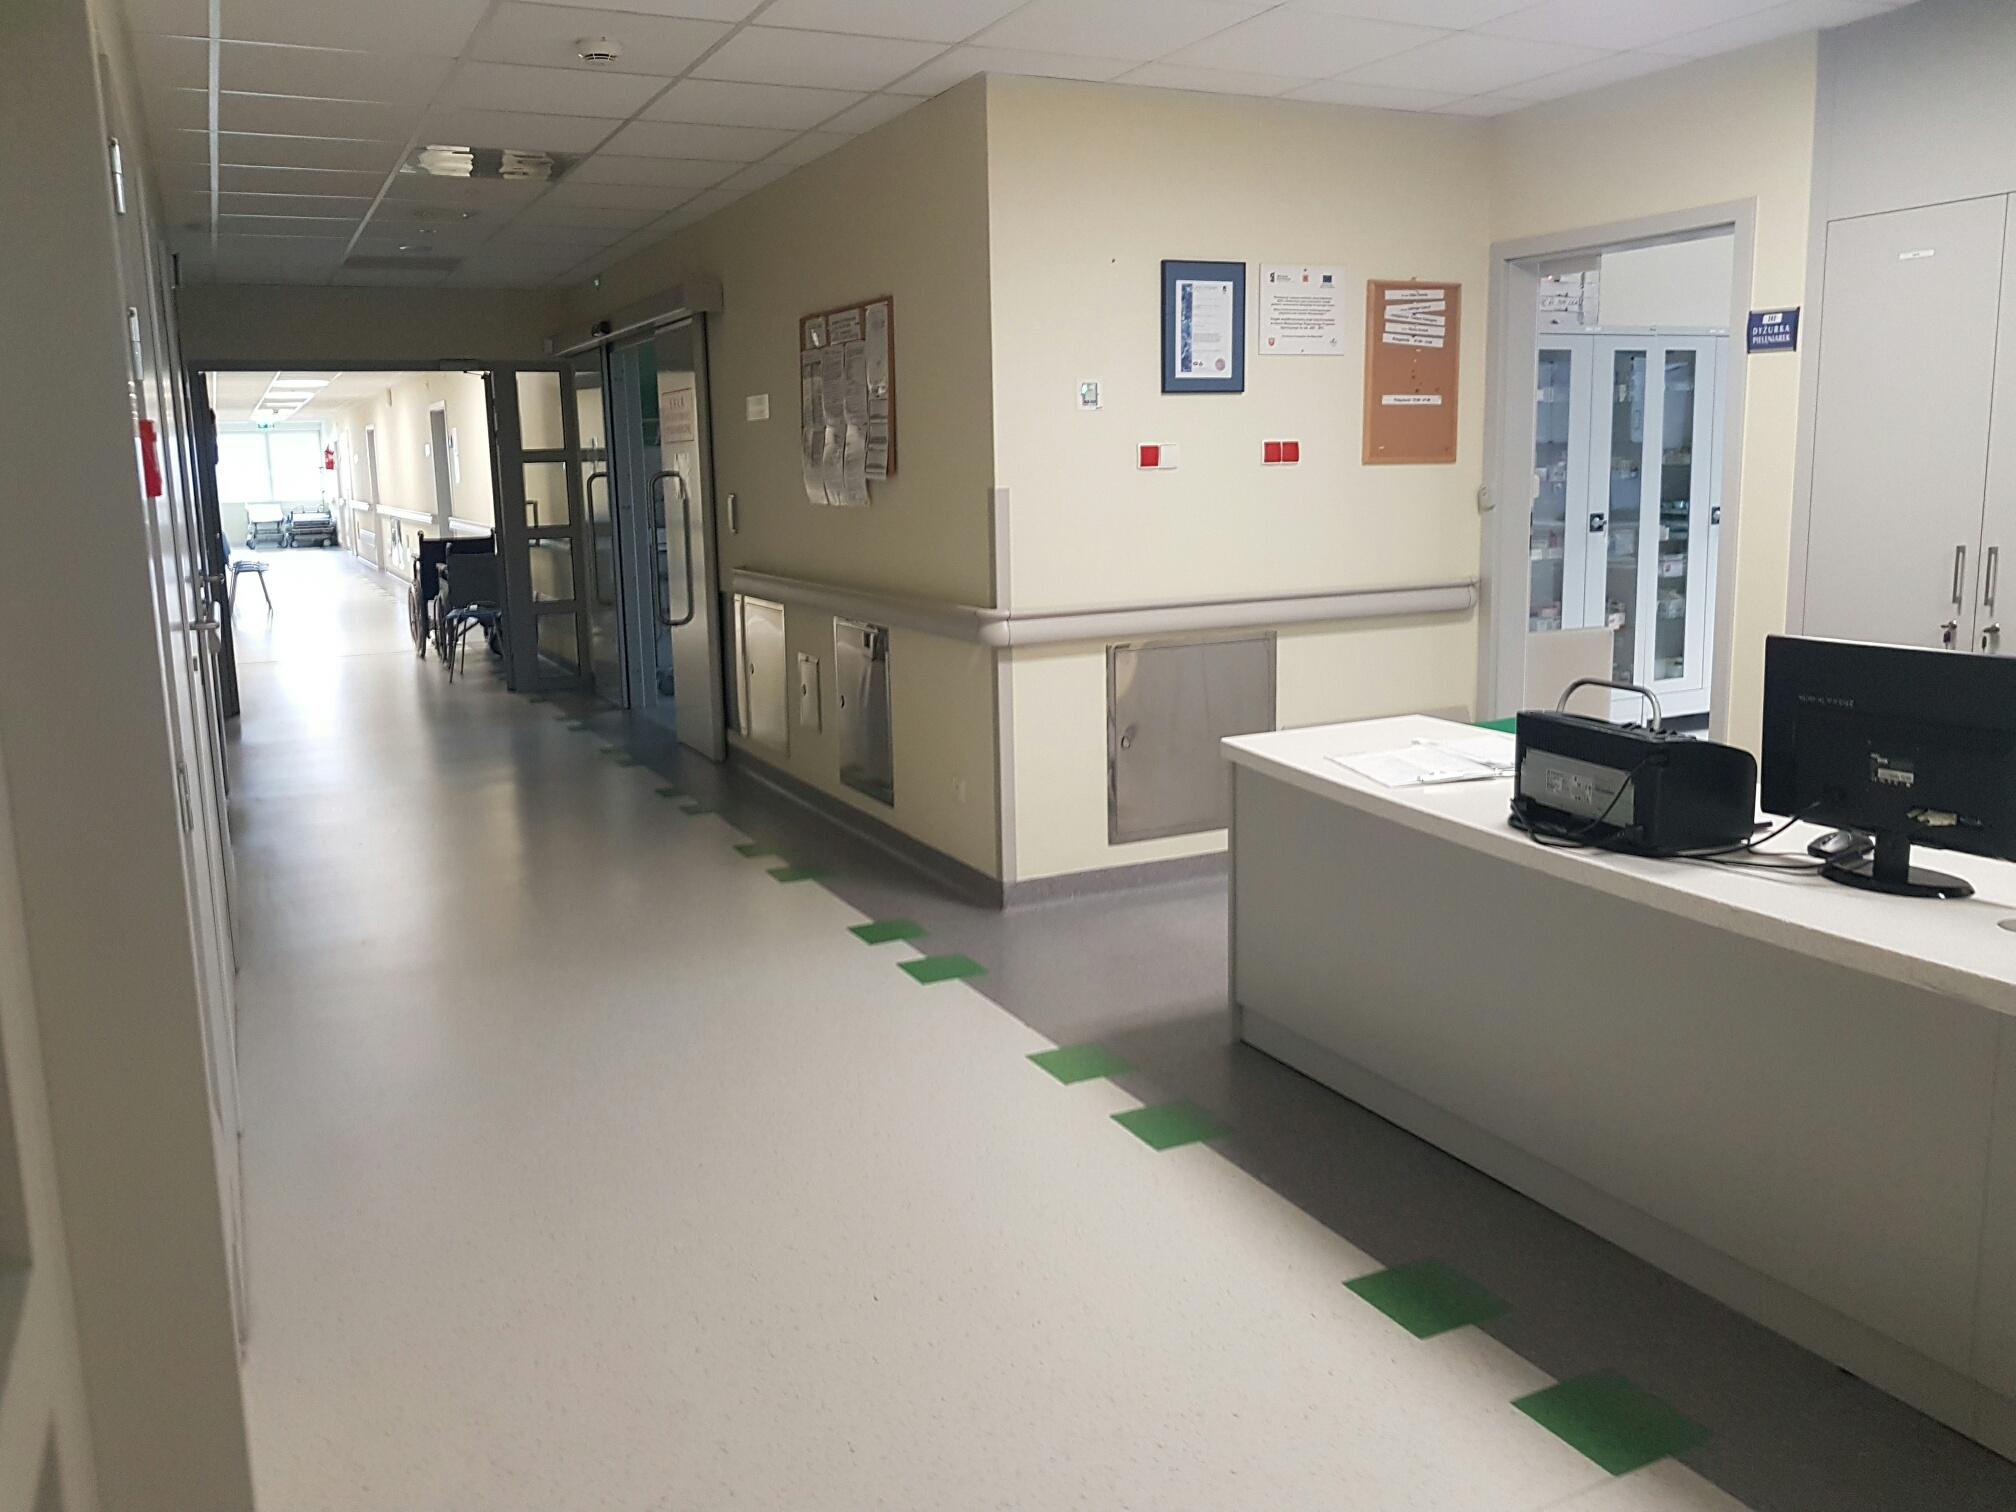 Radny z gminy Andrychów w obronie wynagrodzeń pracowników wadowickiego szpitala